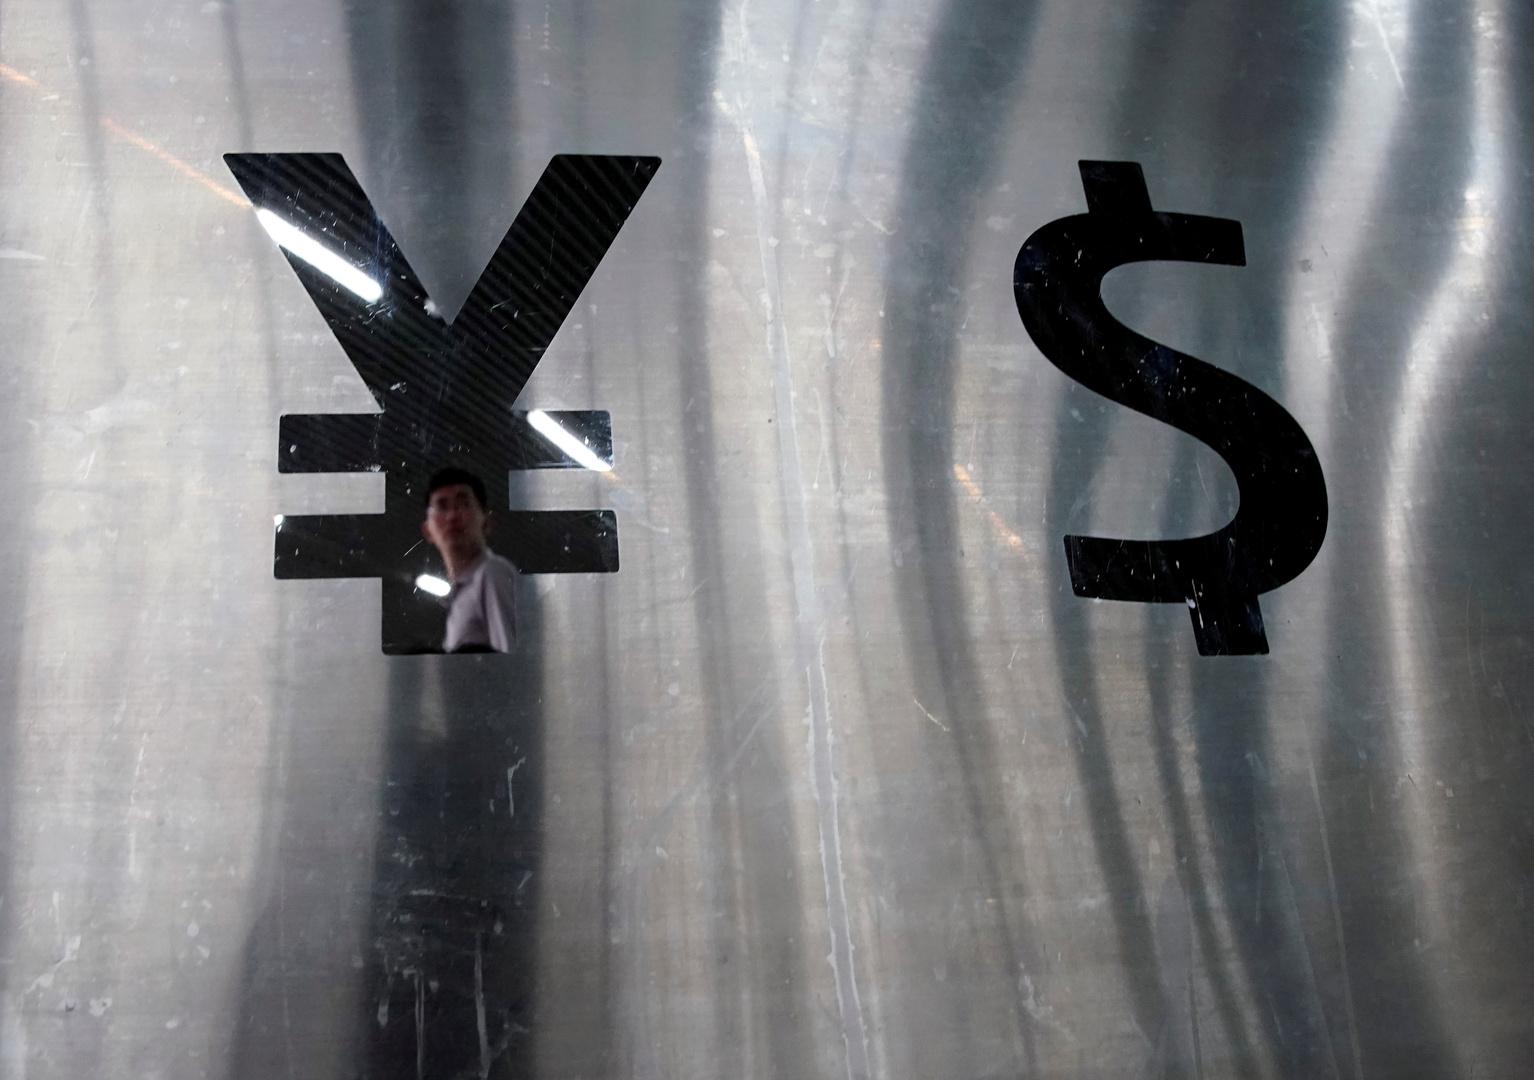 قروض الصين ترتفع إلى 405 مليارات دولار في شهر واحد